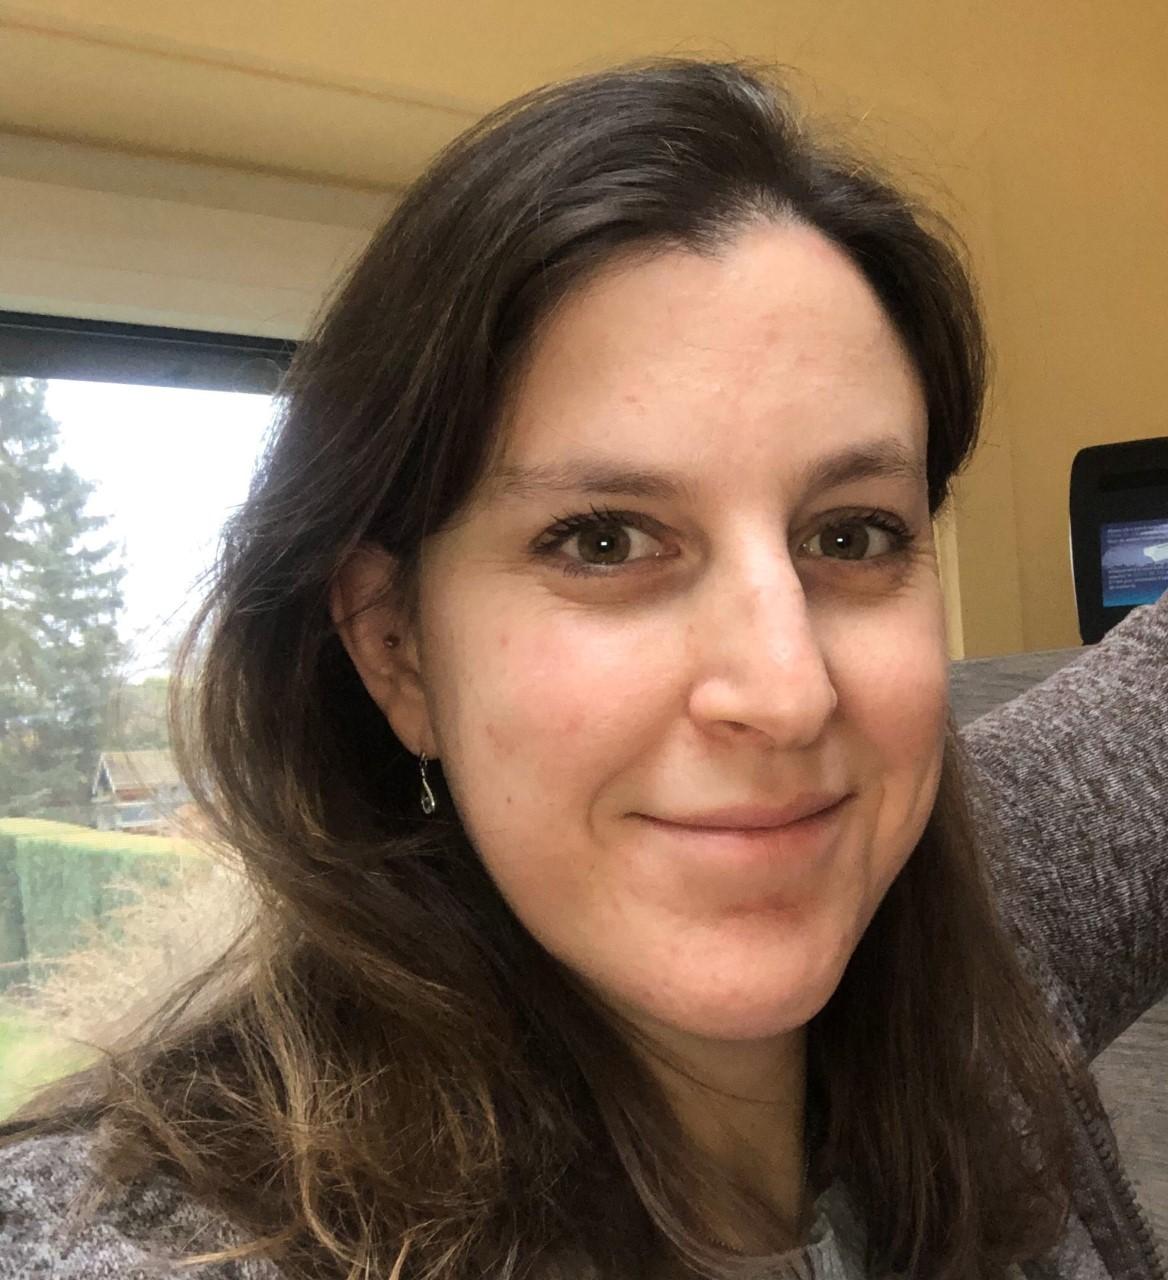 Sabrina Diederich